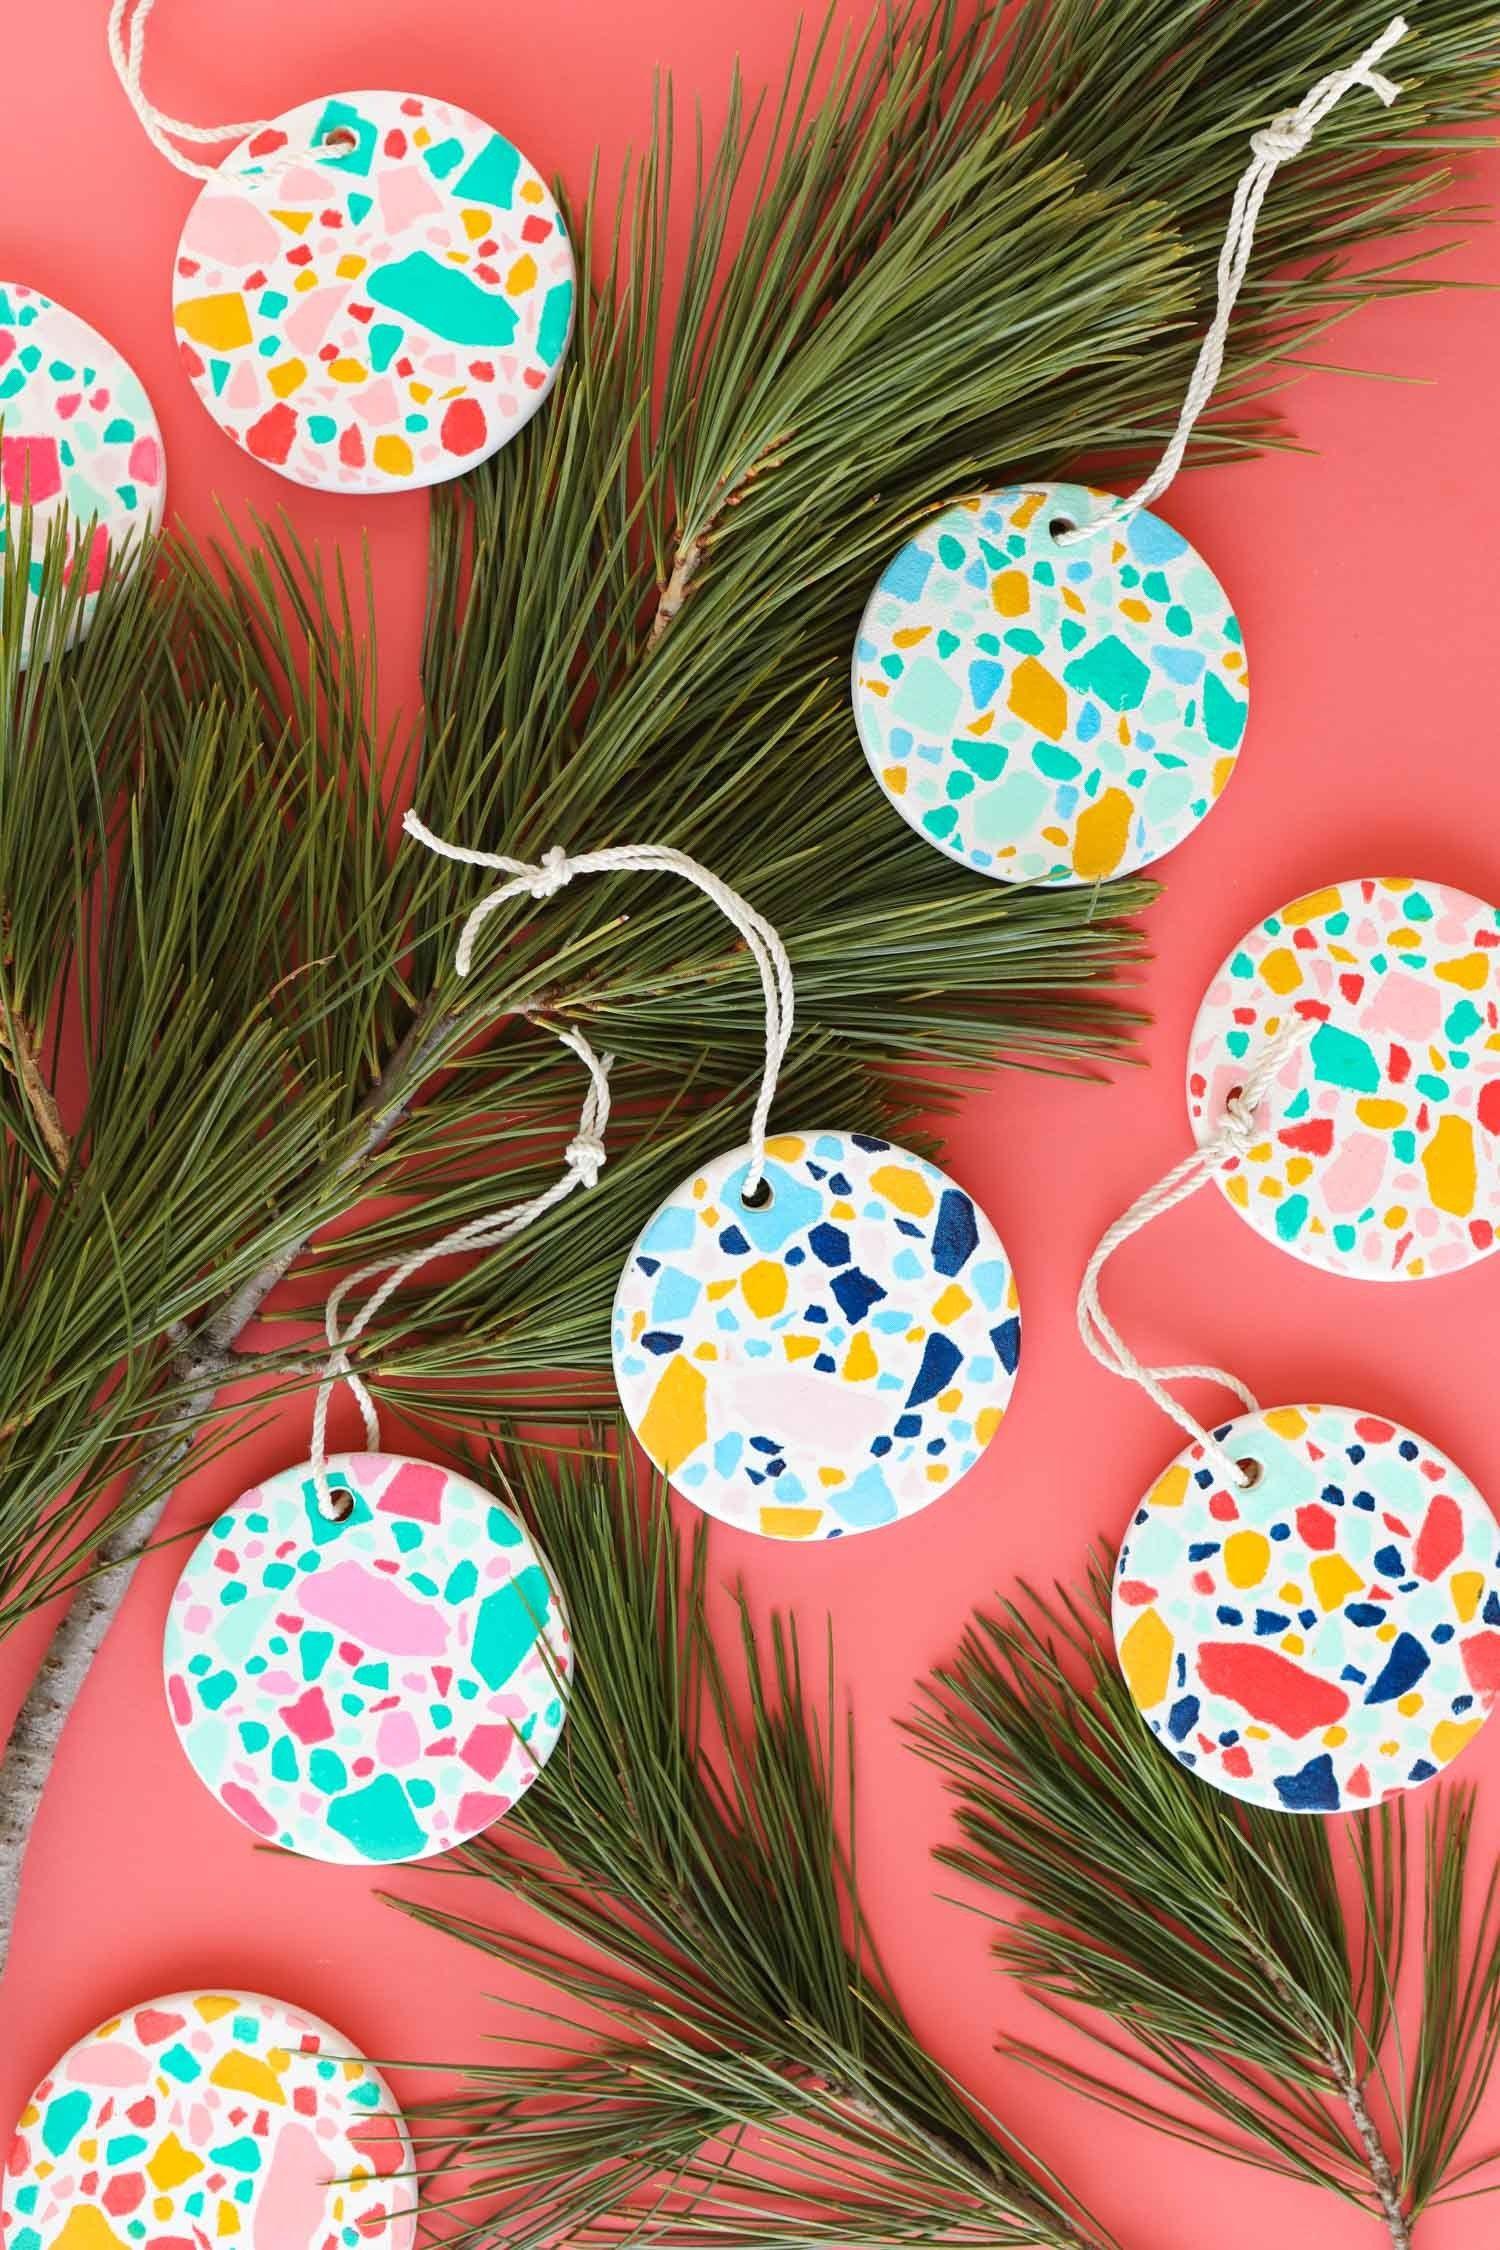 DIY Faux Terrazzo Ornaments